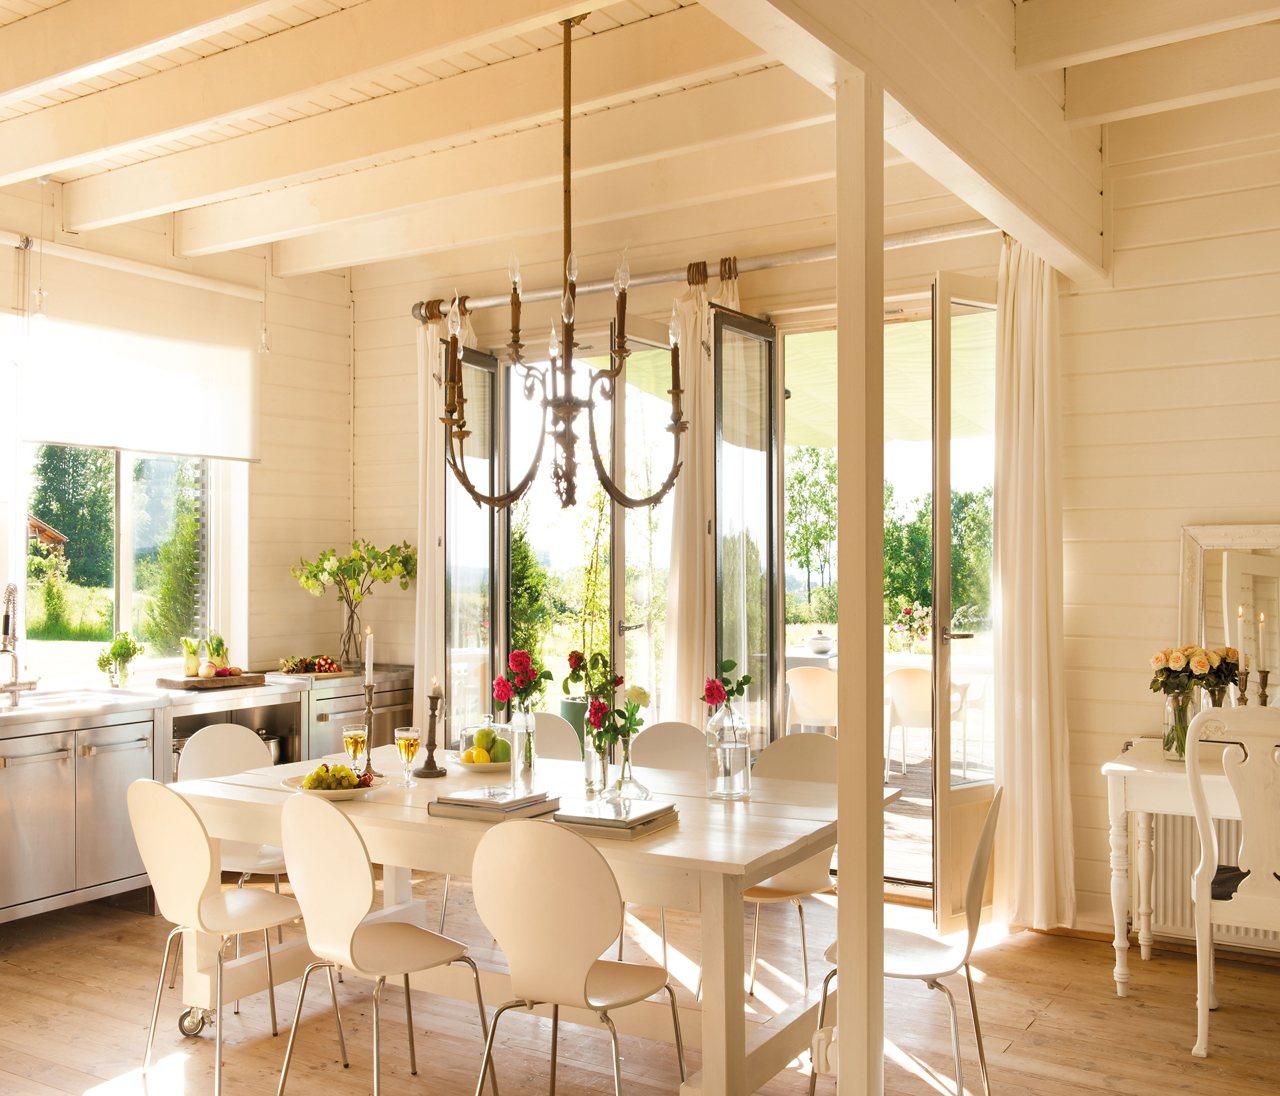 Blog by nela una casa de madera con mucho estilo a for El mayorista del mueble